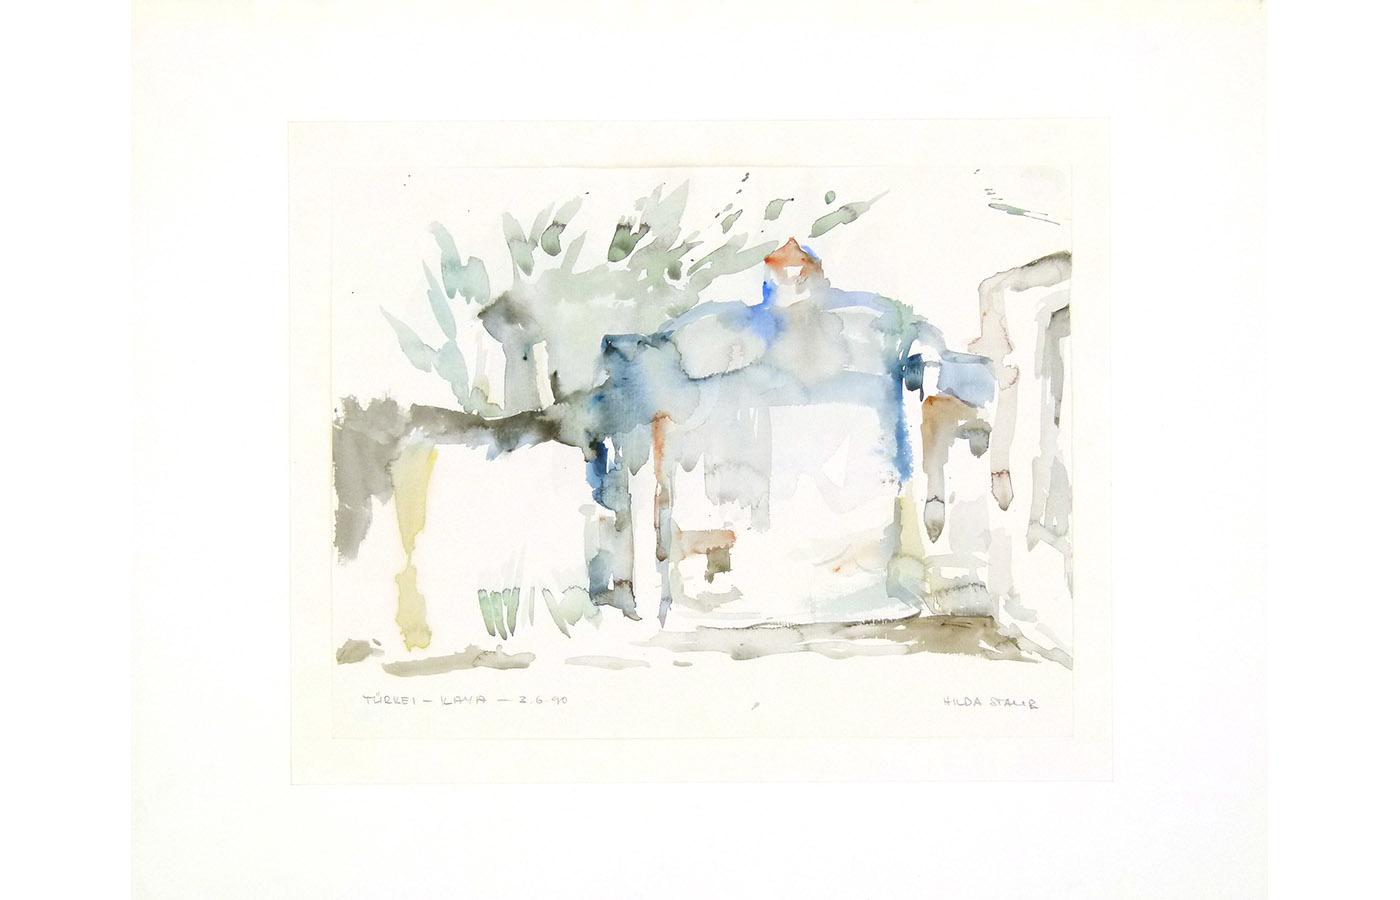 Landschaften und Reisebilder, Aquarell, 1991 bis 1993_0004_L1110069a